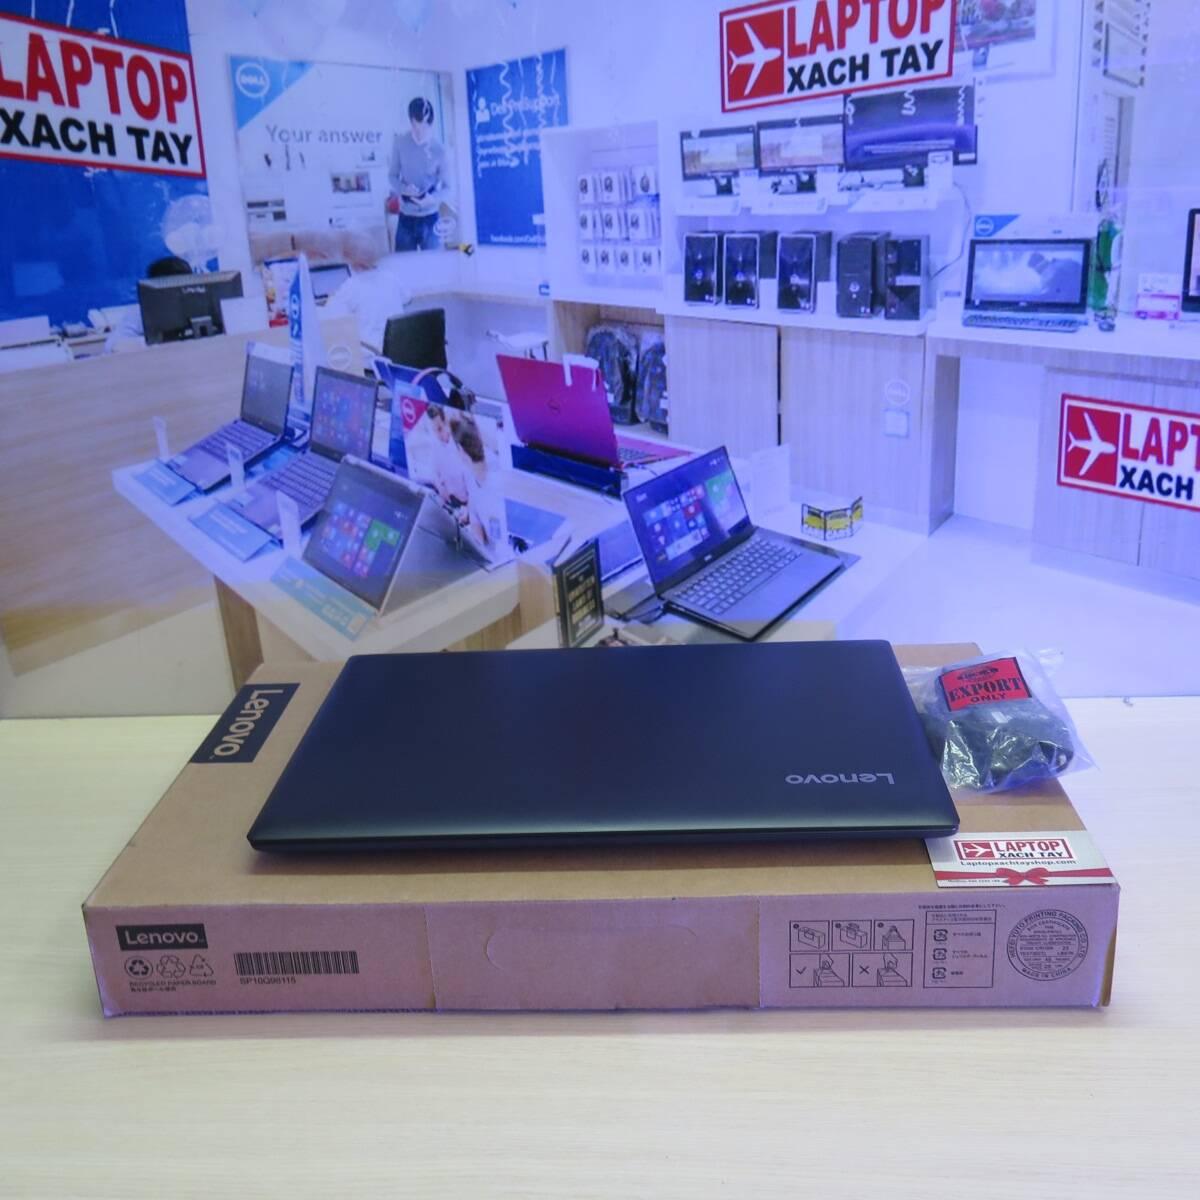 Lenovo iDeapad 330 I5IKB 8250U RAM 4GB SSD 240GB